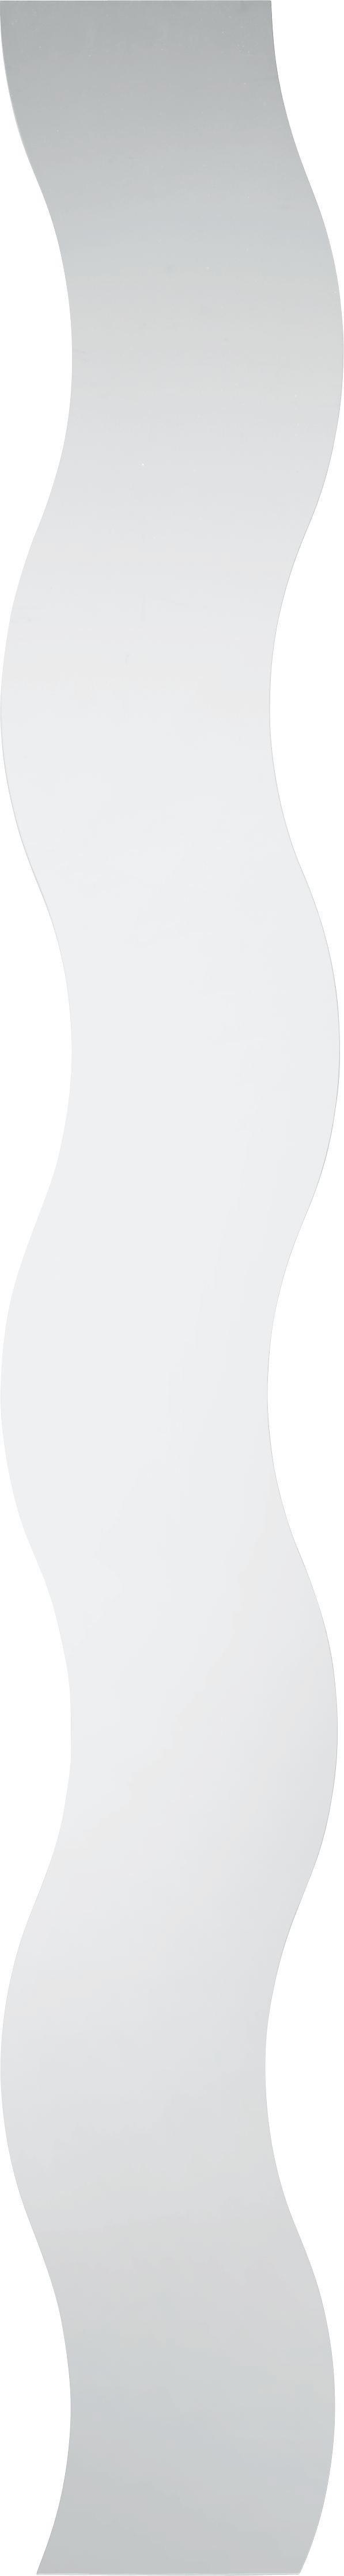 Spiegel ca. 15x150cm - Silberfarben, KONVENTIONELL (15/150cm) - MÖMAX modern living